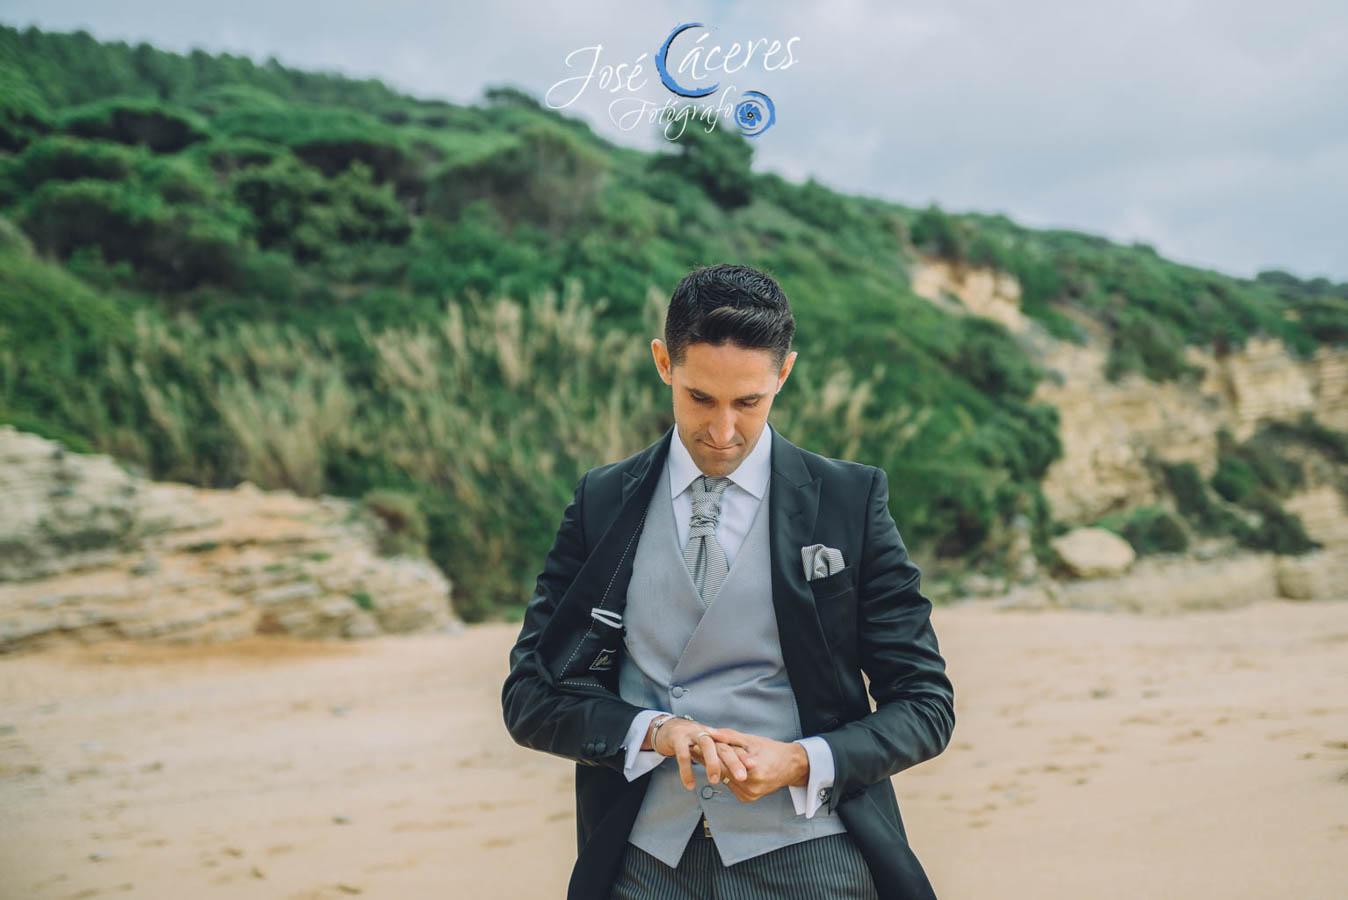 Sesion fotografica de jose caceres fotografia, post boda leticia y jose luis, playas-13